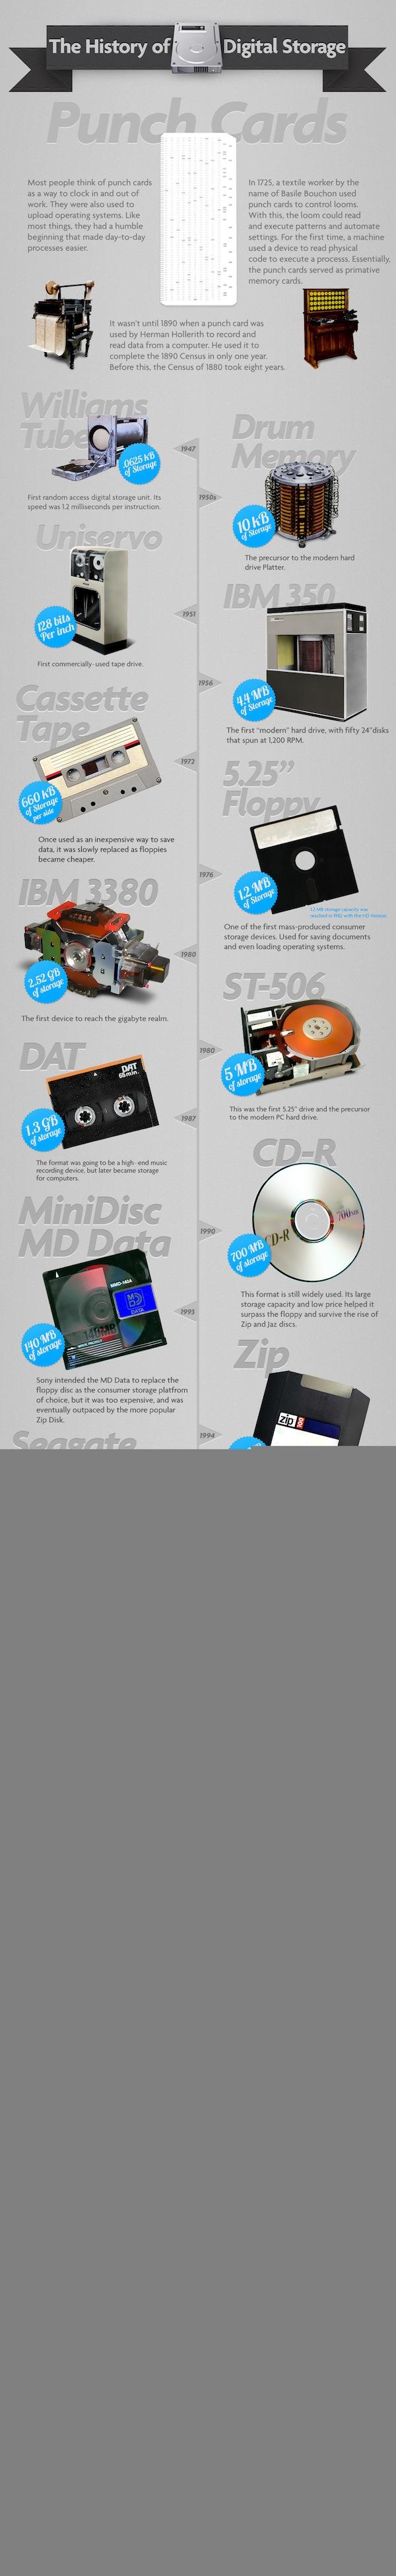 El almacenamiento digital [Infografía] - history-digital-storage-mashable-infographics-972